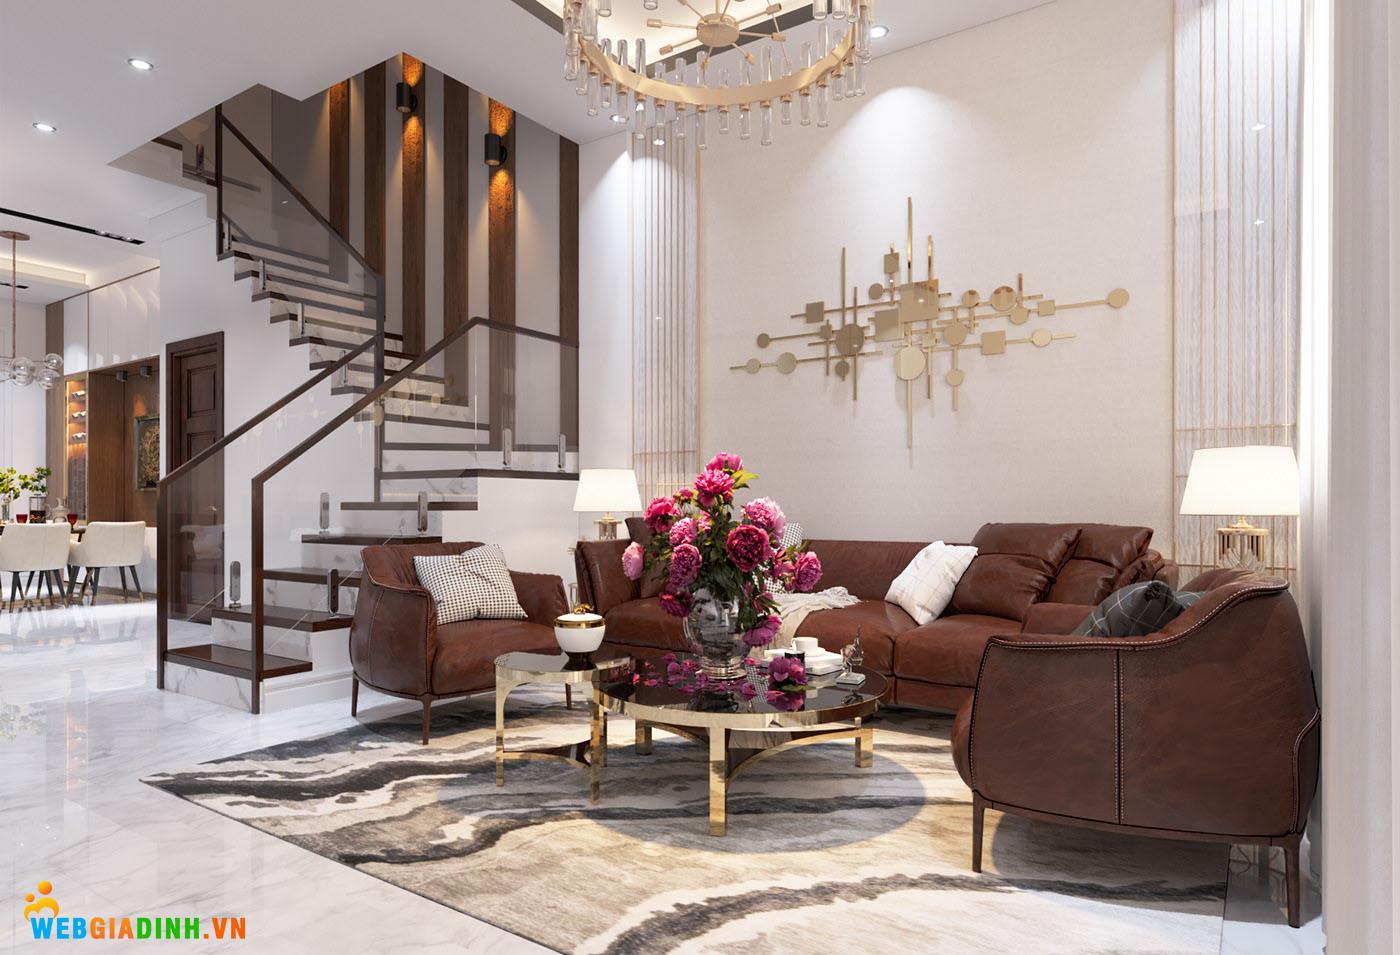 Dùng nội thất tối màu giúp không gian ngôi nhà rộng rãi hơn